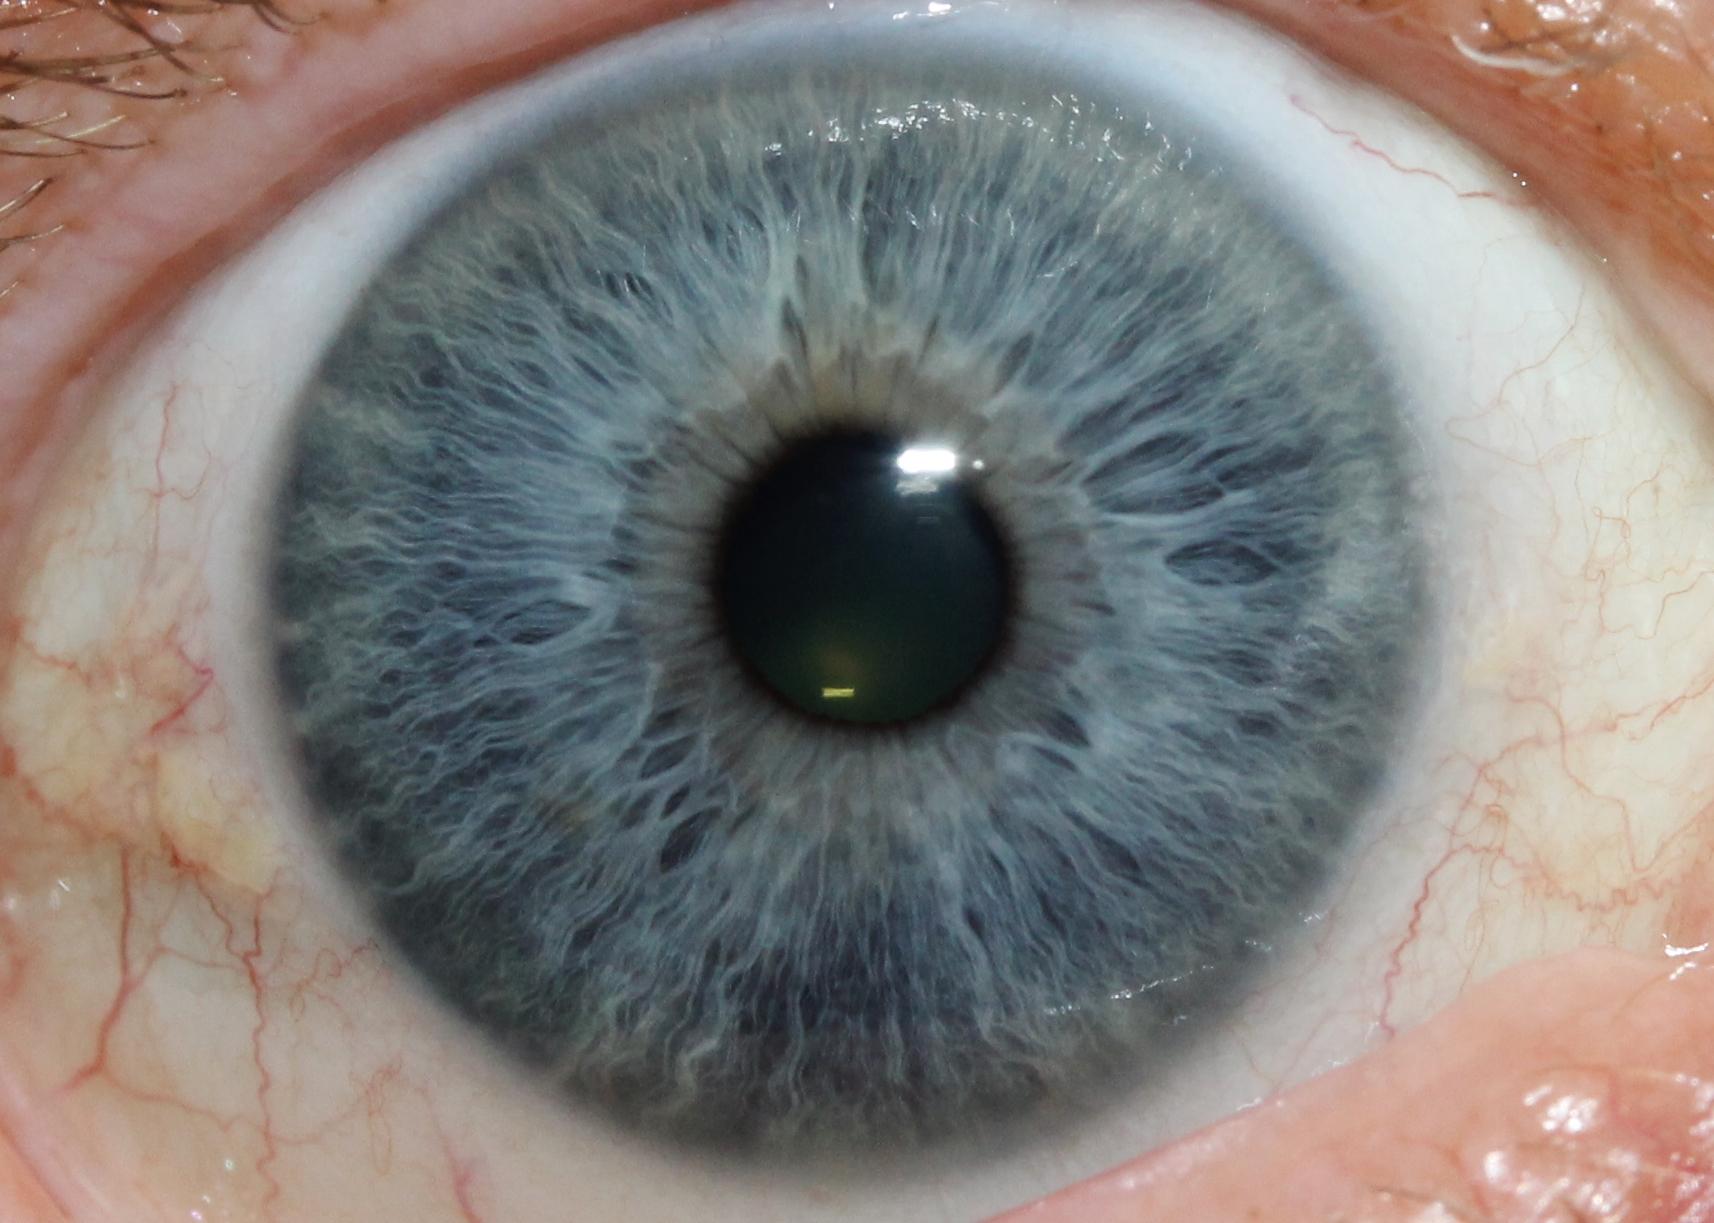 iridology eys images 8